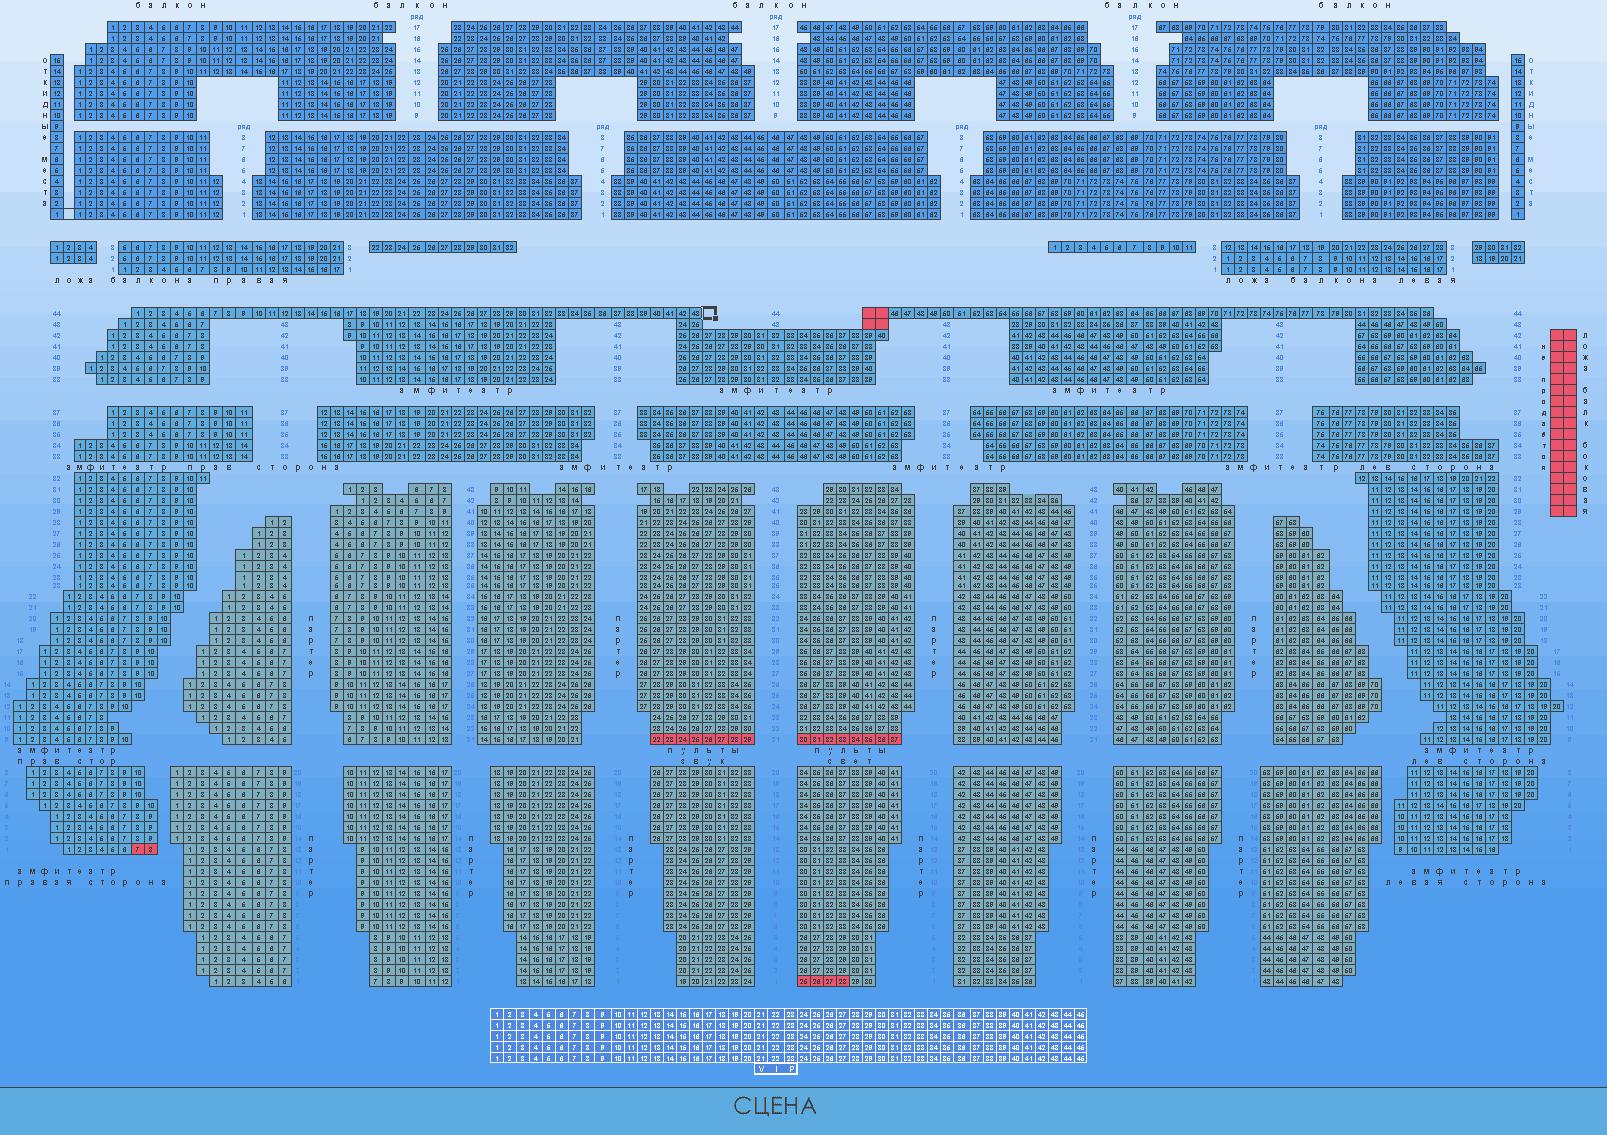 28 Декабря 2021 Новогодняя Кремлевская елка 2022: 10:00, 14:00, 18:00